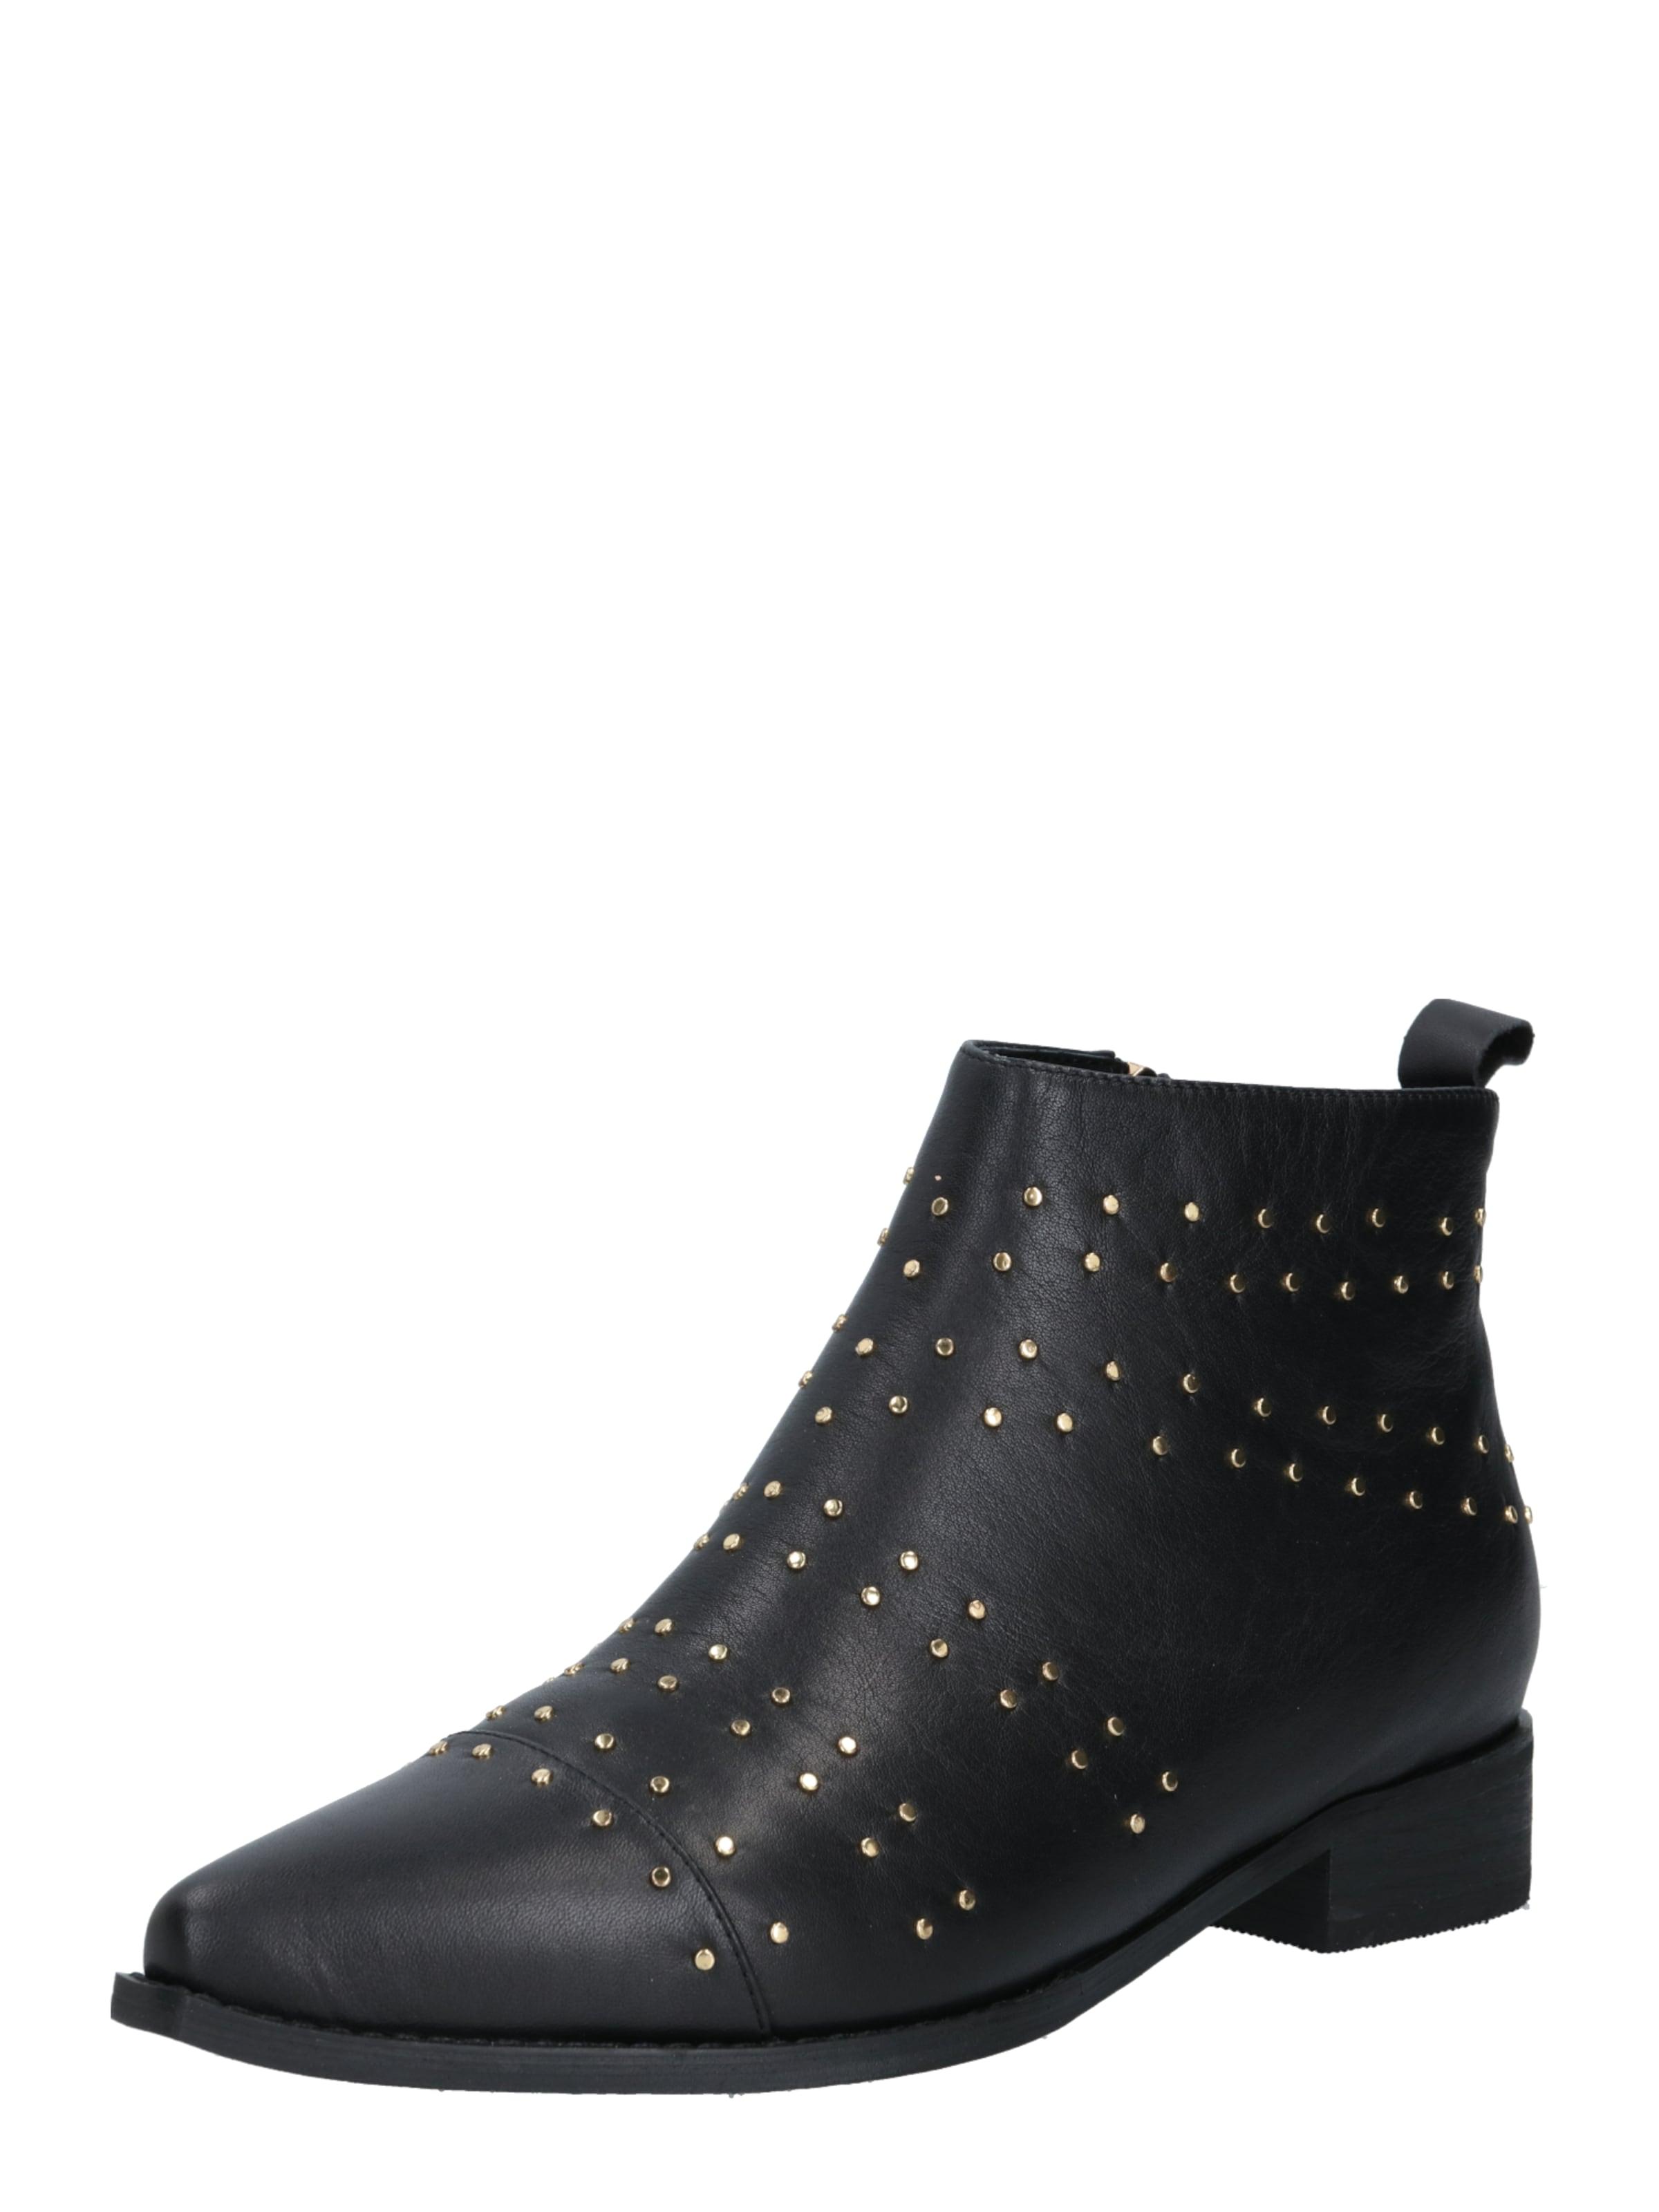 Shoe The Bear Stövlett i guld / svart